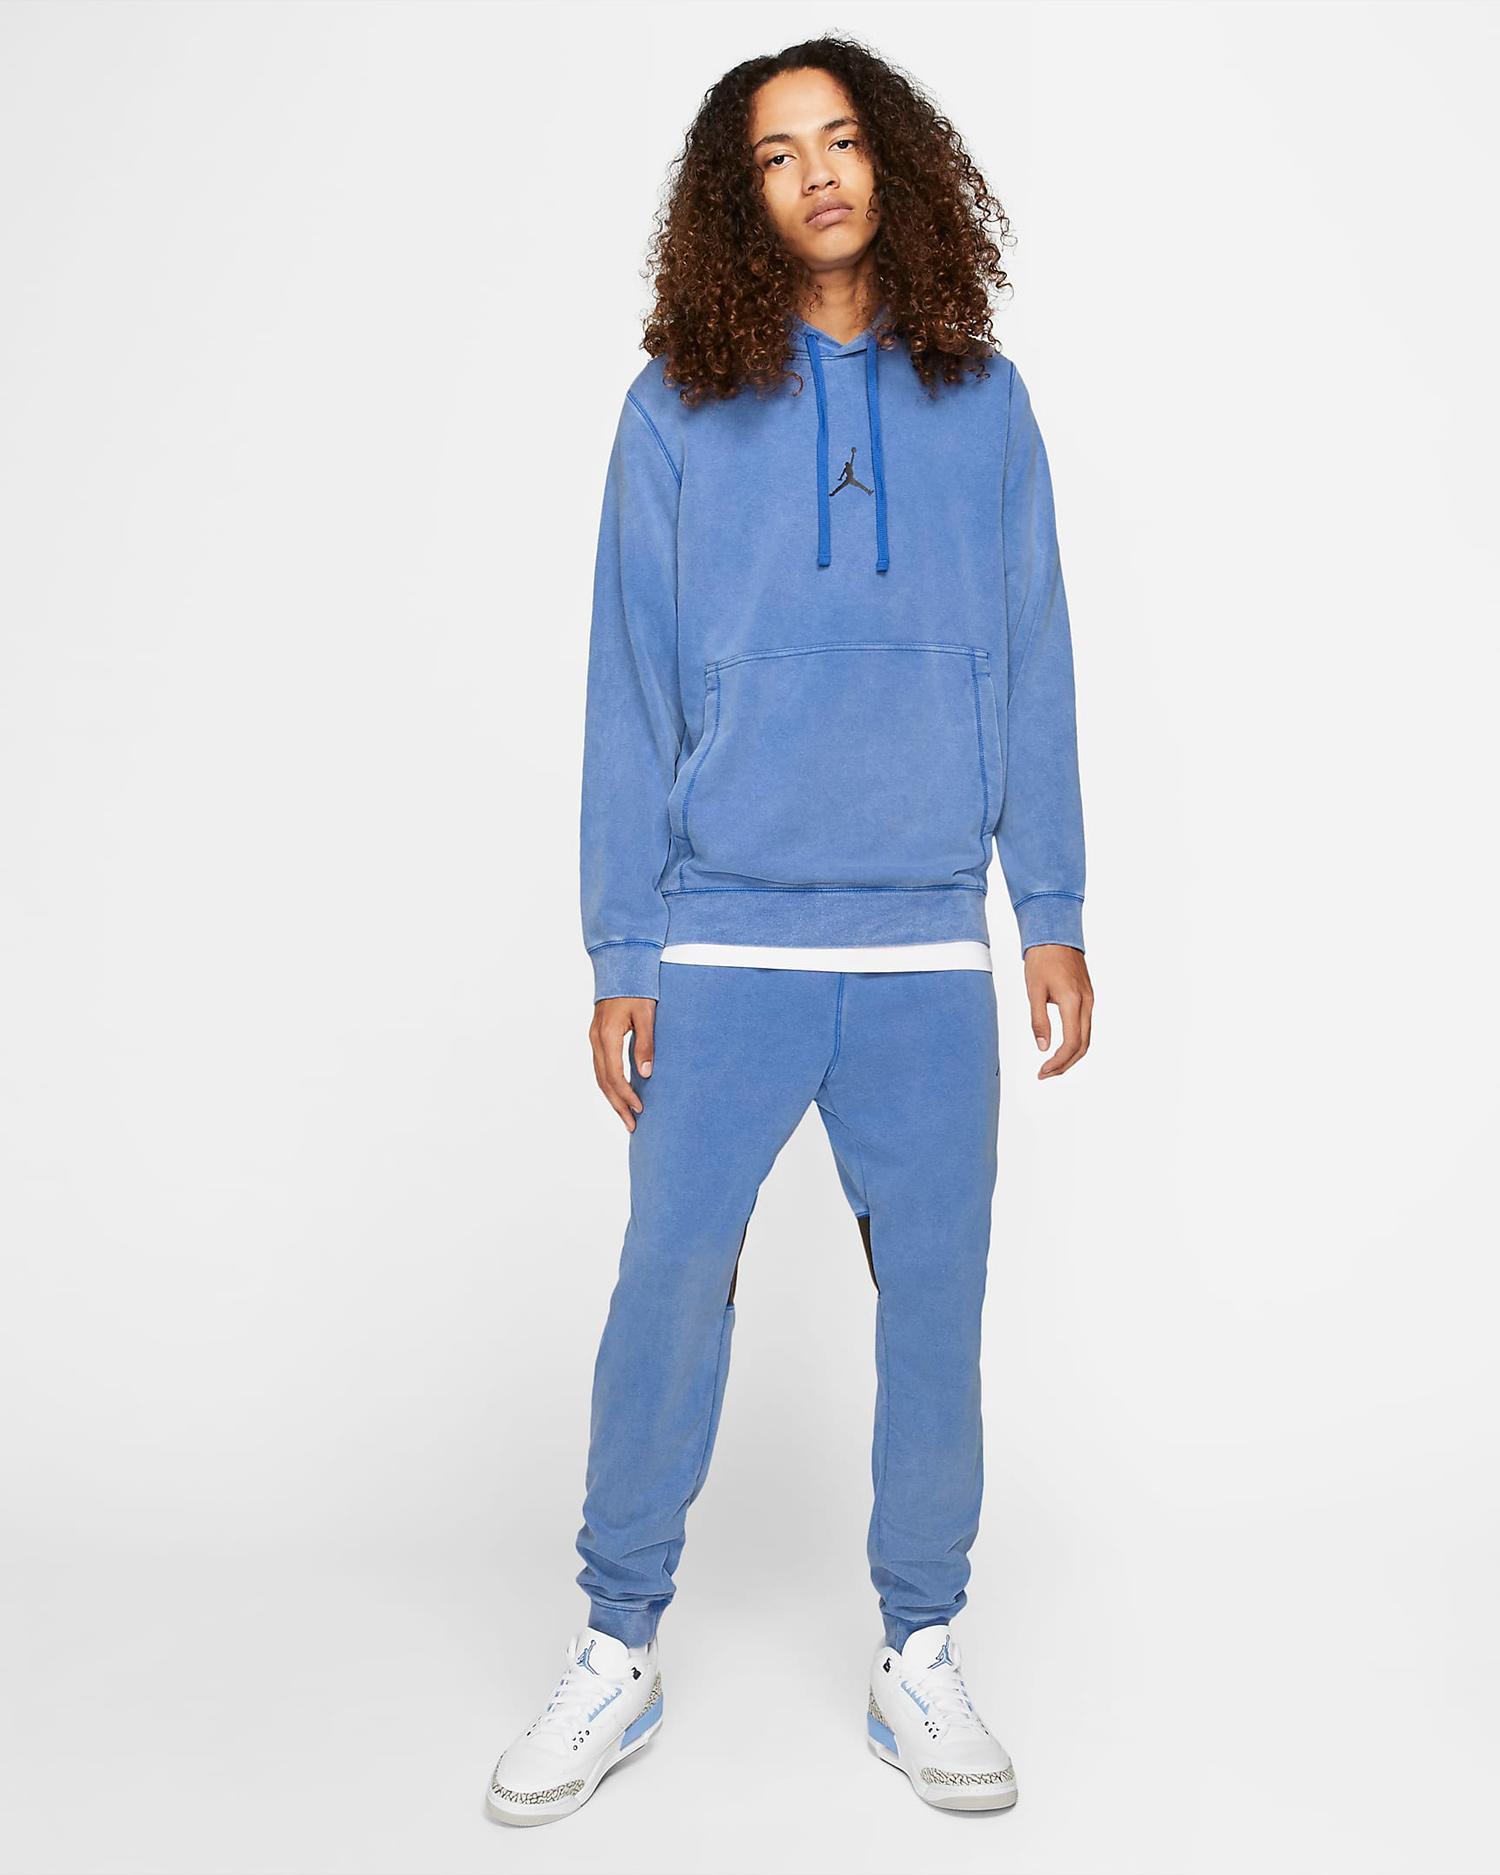 jordan-hyper-royal-dri-fit-air-hoodie-pants-outfit